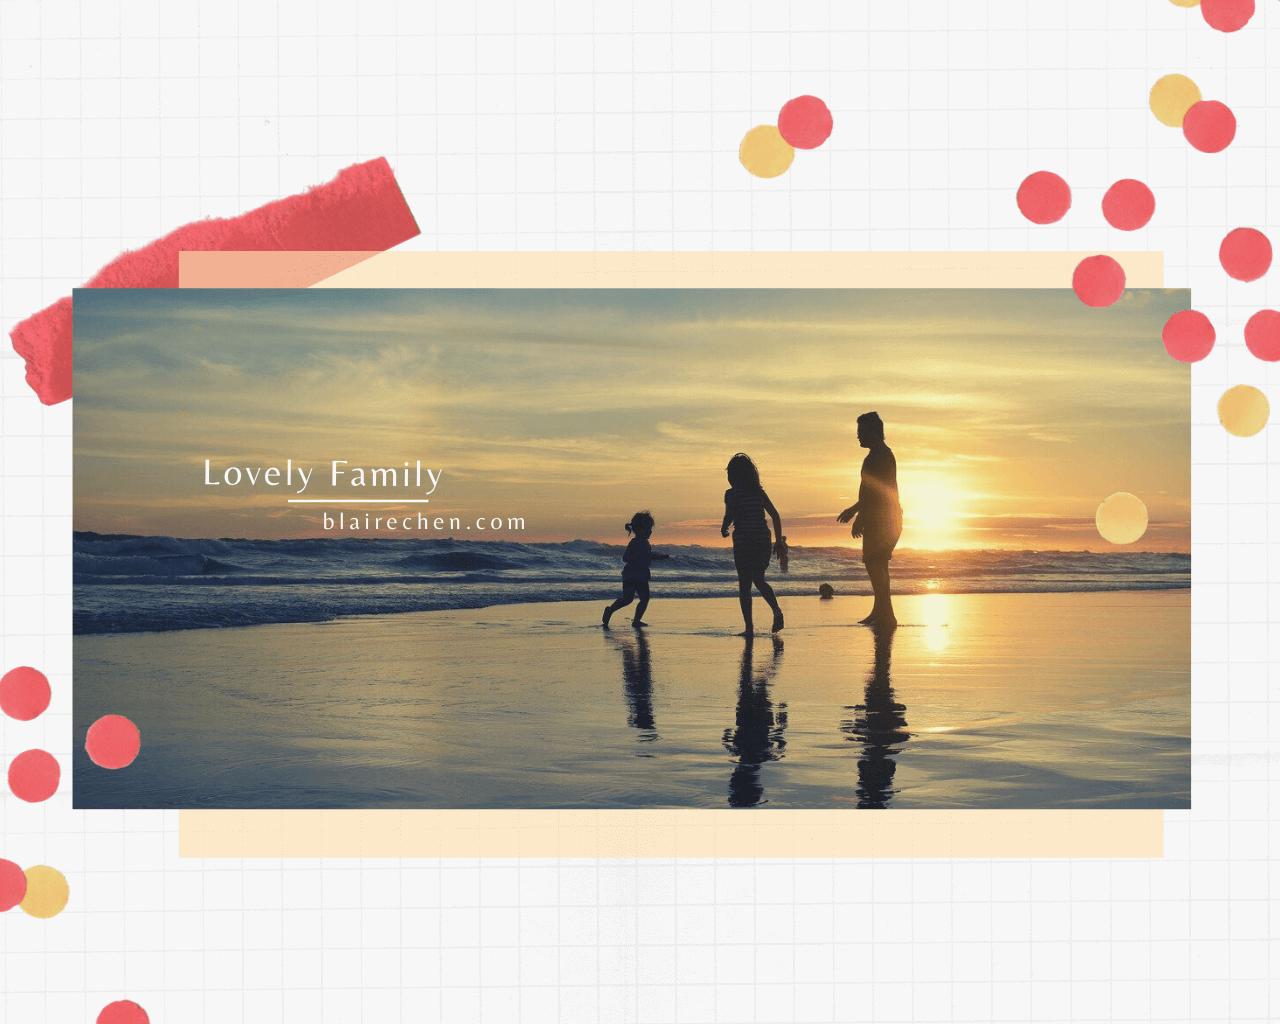 如何提升家人感情?親情不是理所當然,來點小改變、5 個改善家庭關係小方法!